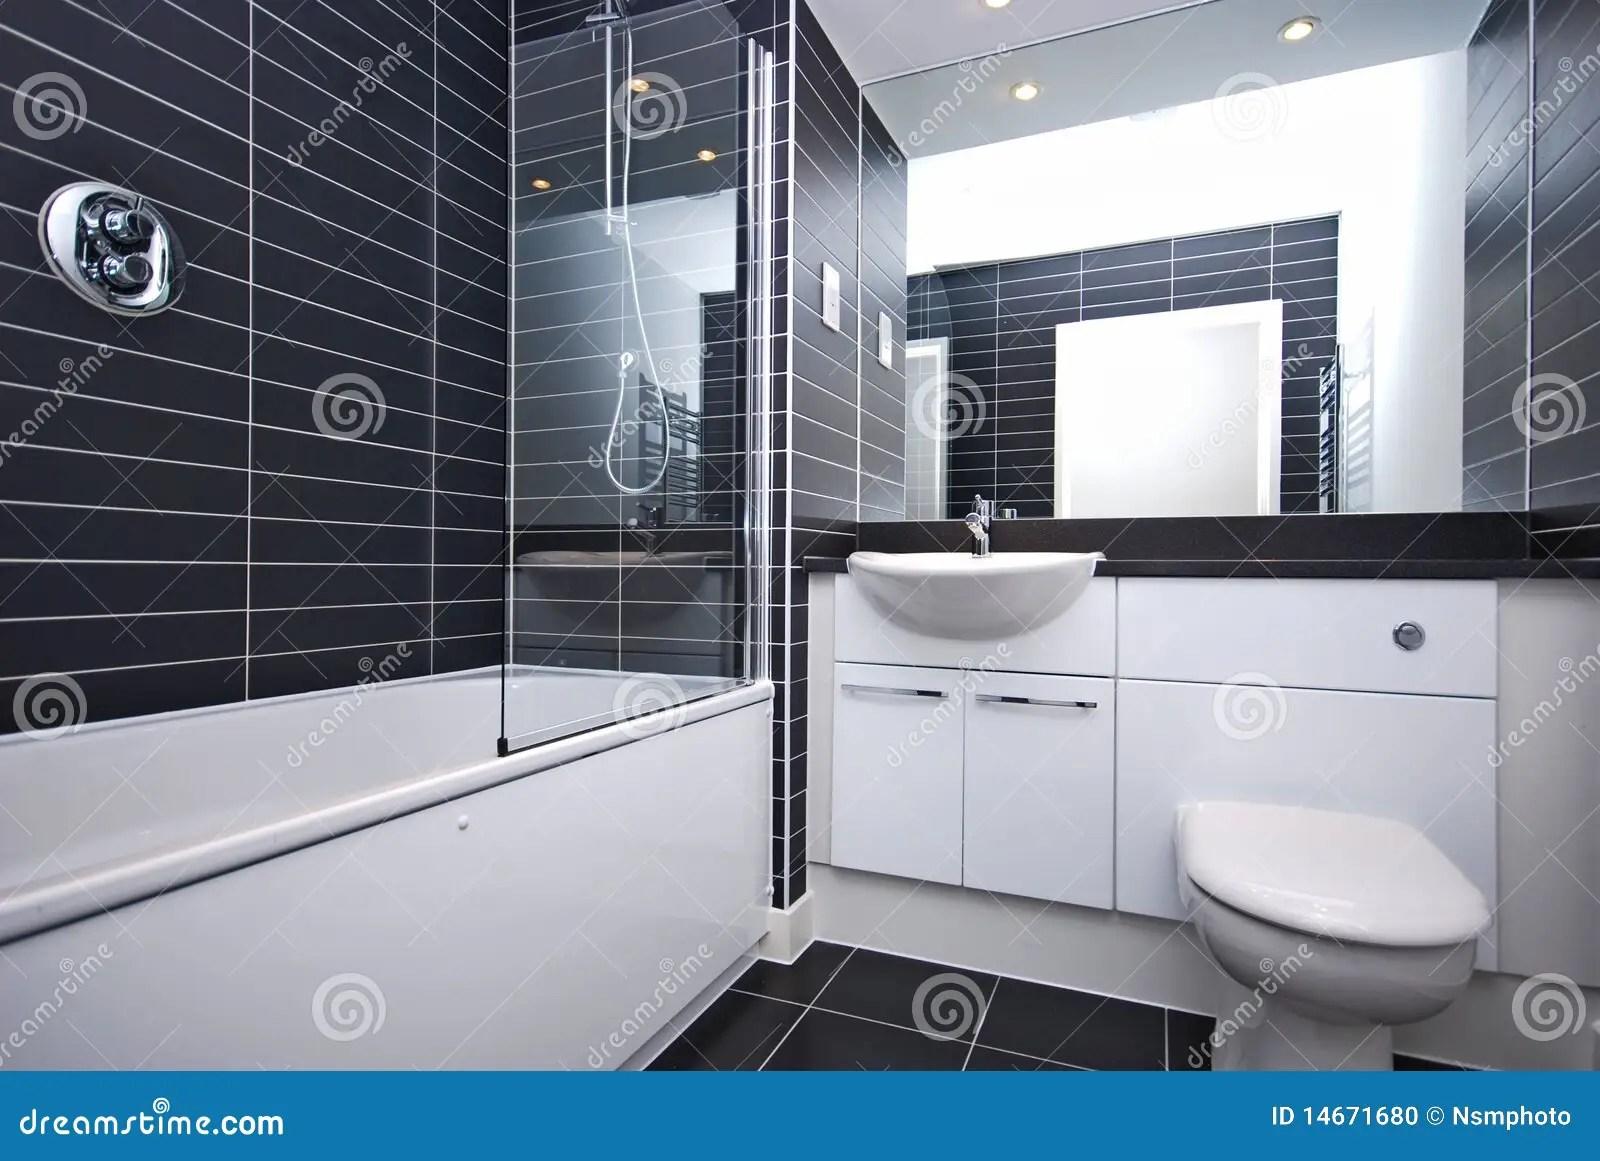 Bagno Moderno Bianco E Nero.Bagno Moderno Nero E Bianco Angolo Del Bagno Moderno Con Pareti